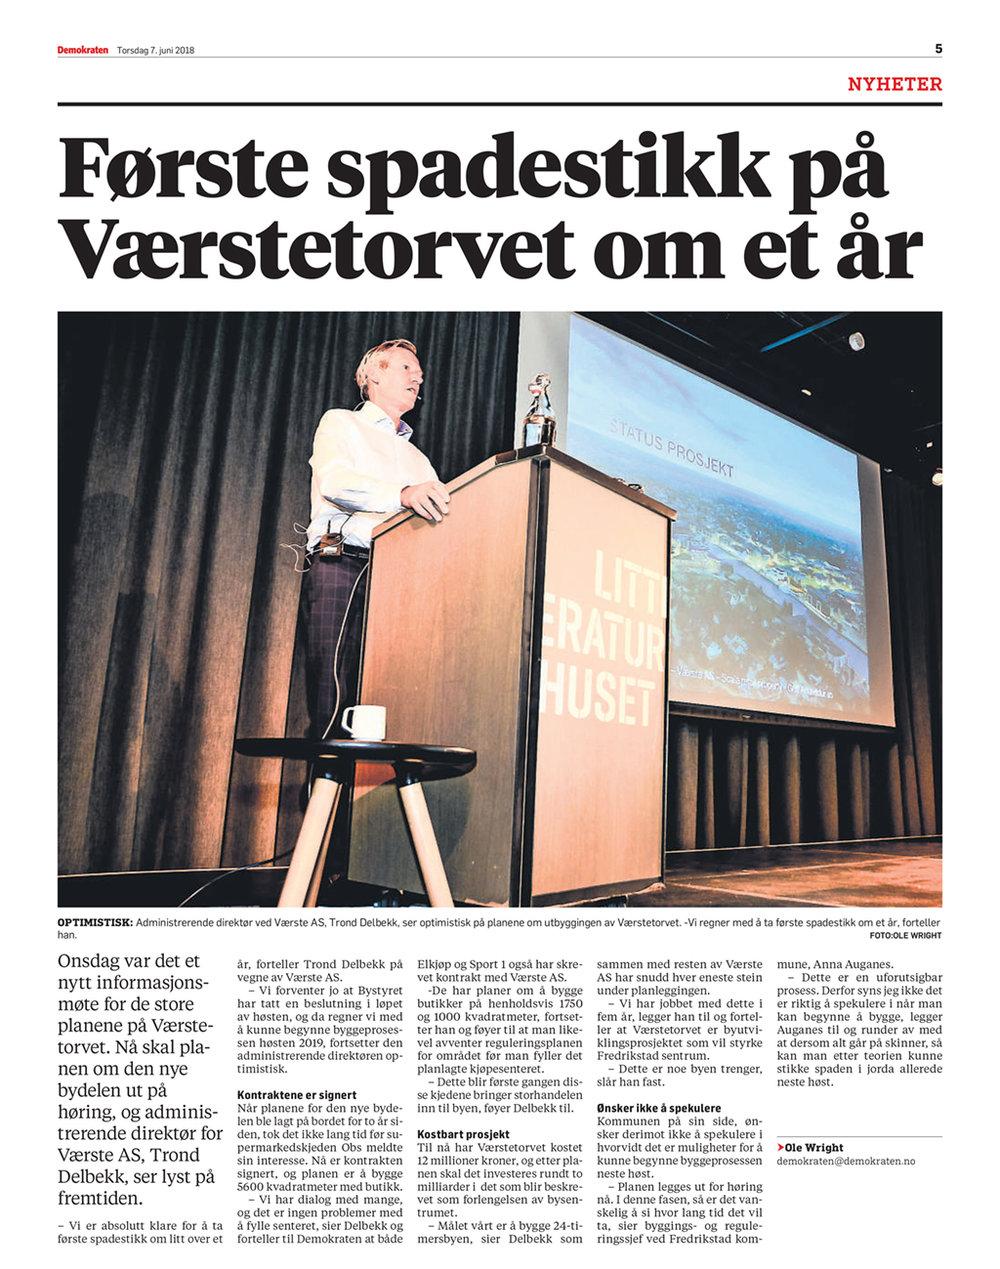 2018-06-7-Demokraten,-Første-spadestikk-på-Værstetorvet-om-et-år.jpg